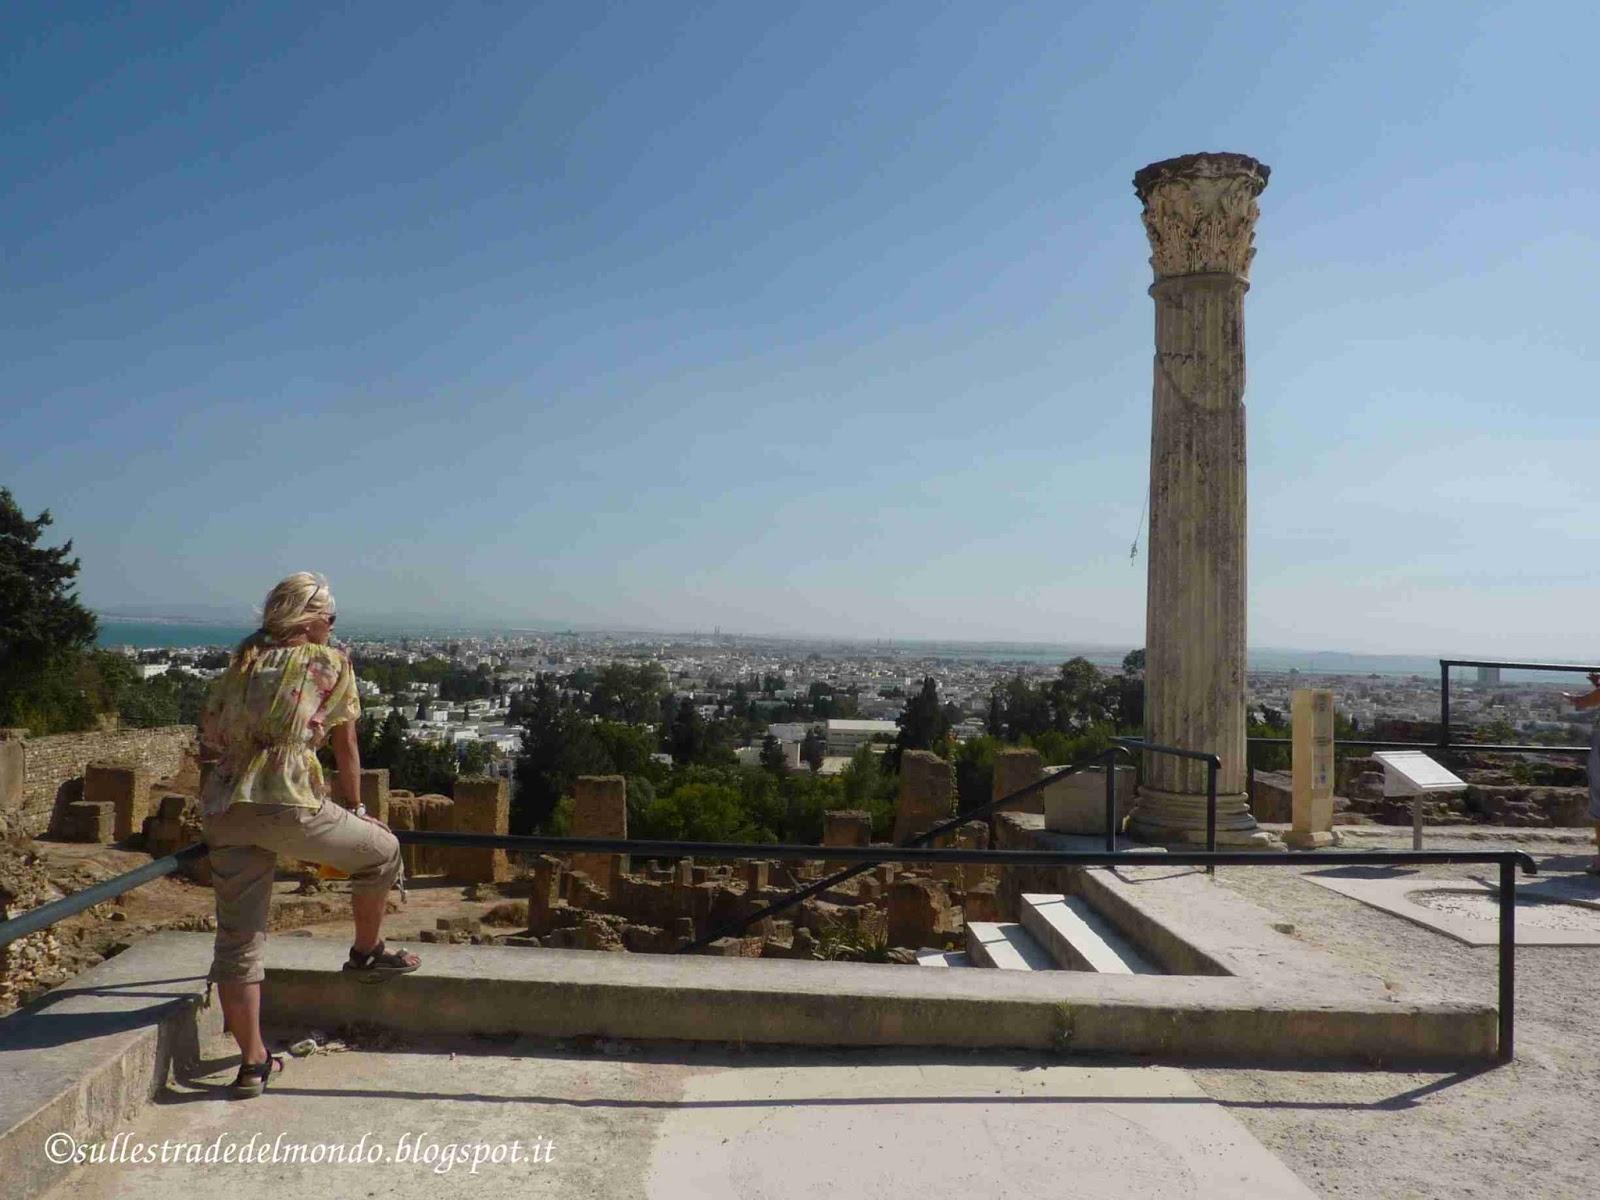 Cartagine, la storia è passata di qua Viaggiare Gratis.